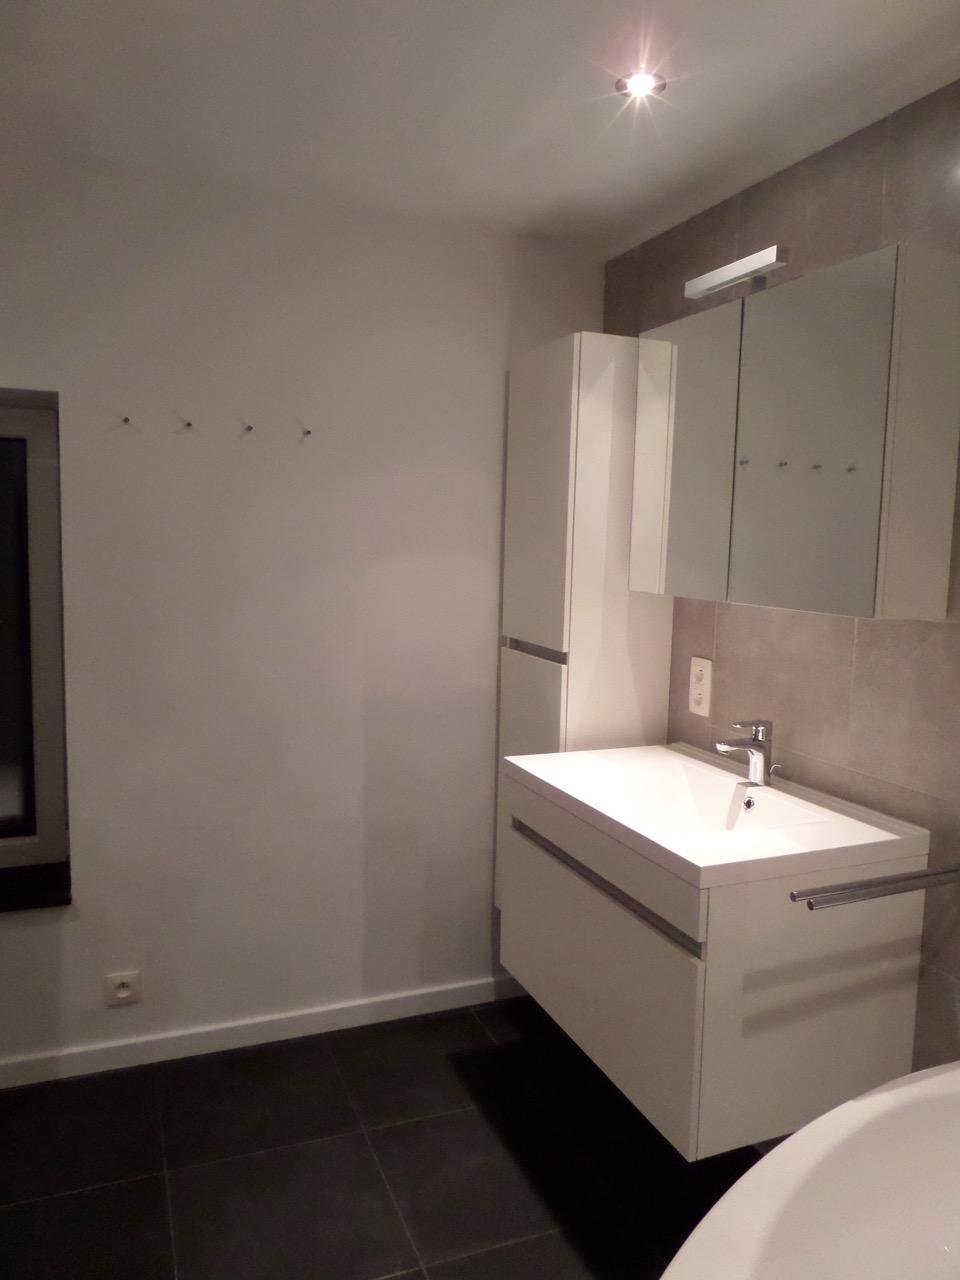 Salle De Bains Espace Public ~ installation sanitaire par un chauffagiste professionnel